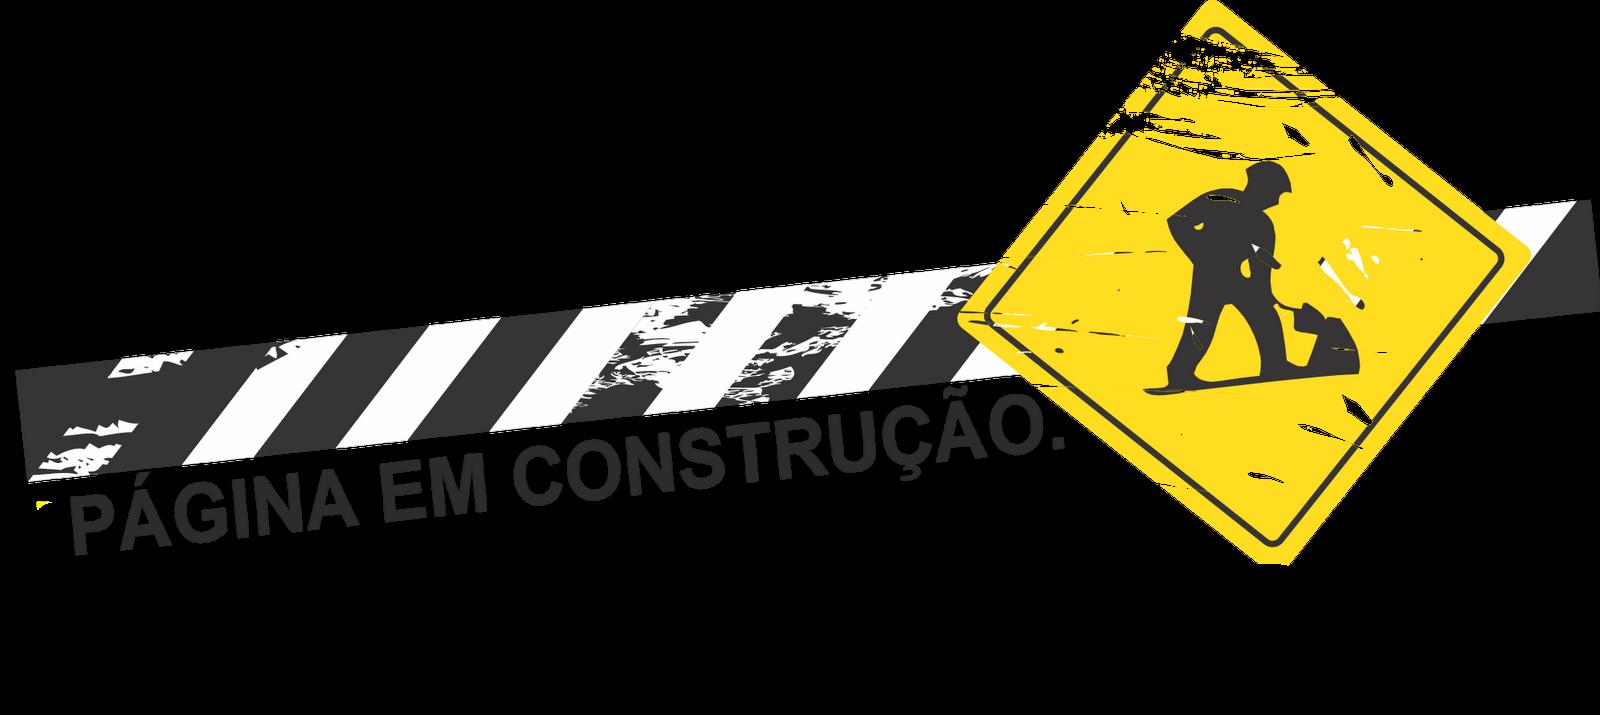 pagina em construção